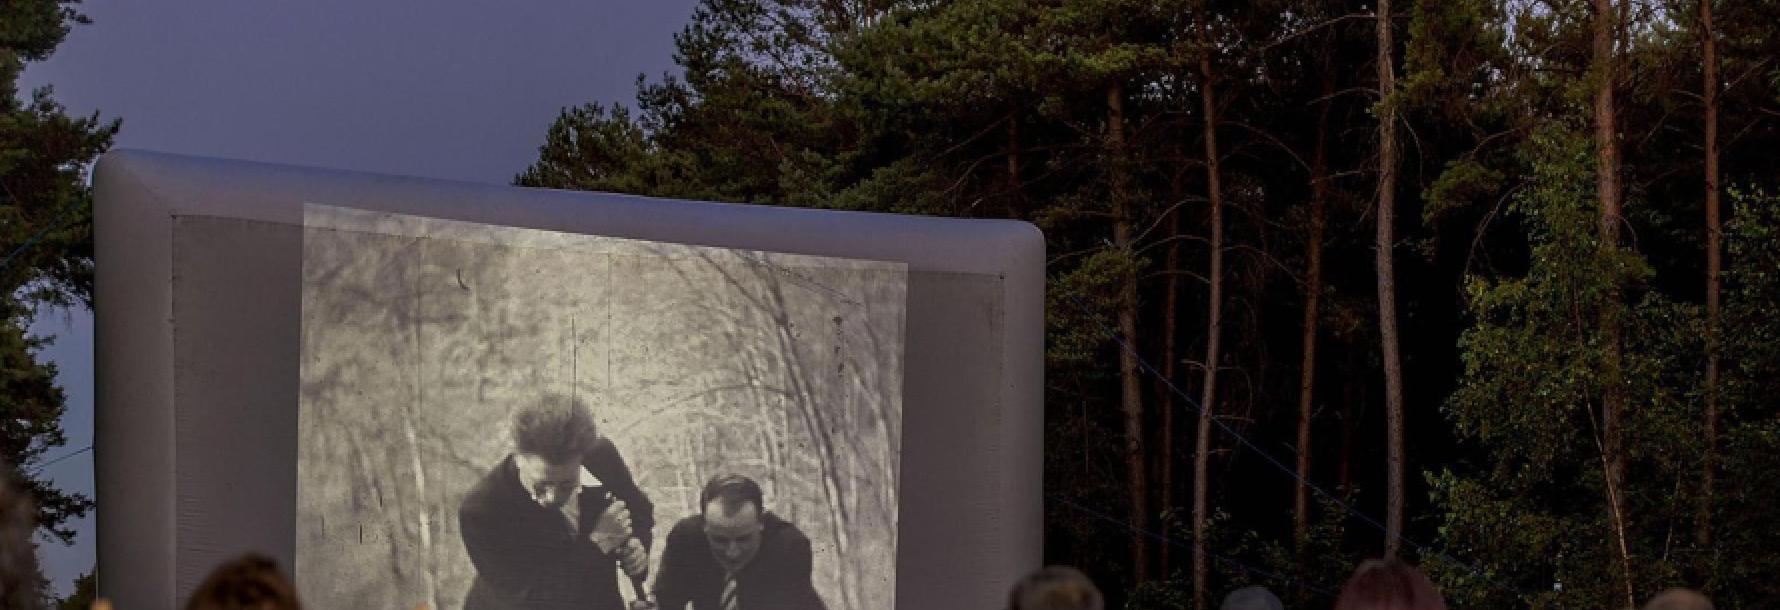 Branche & Ciné «Films en forêt, une expérience de cinéma»  (76 et 27)